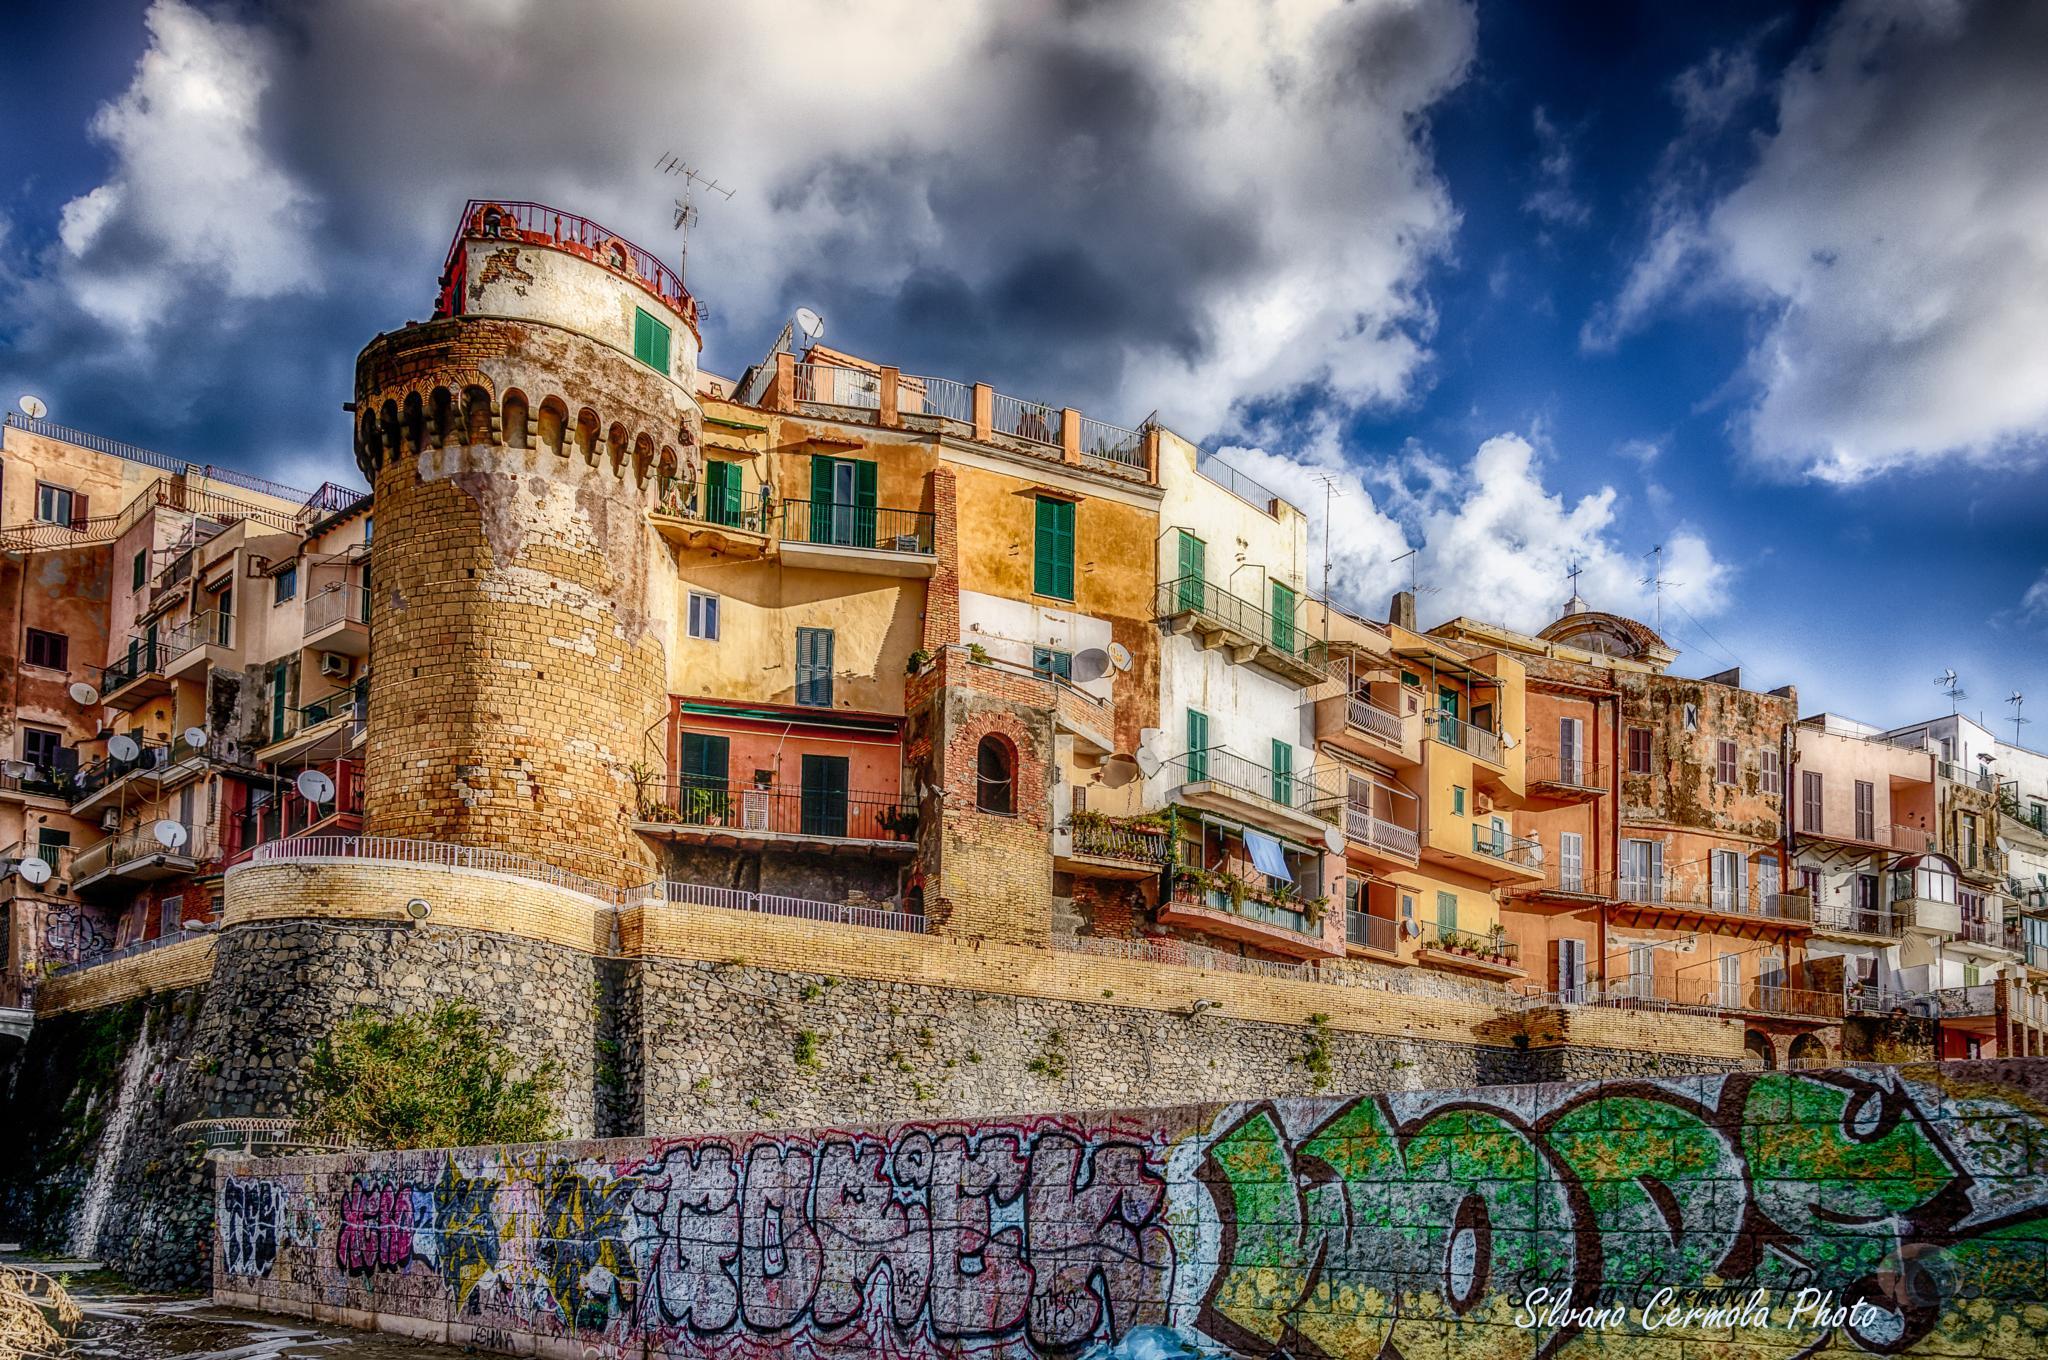 Borgo medievale di Nettuno by Silvano Cermola